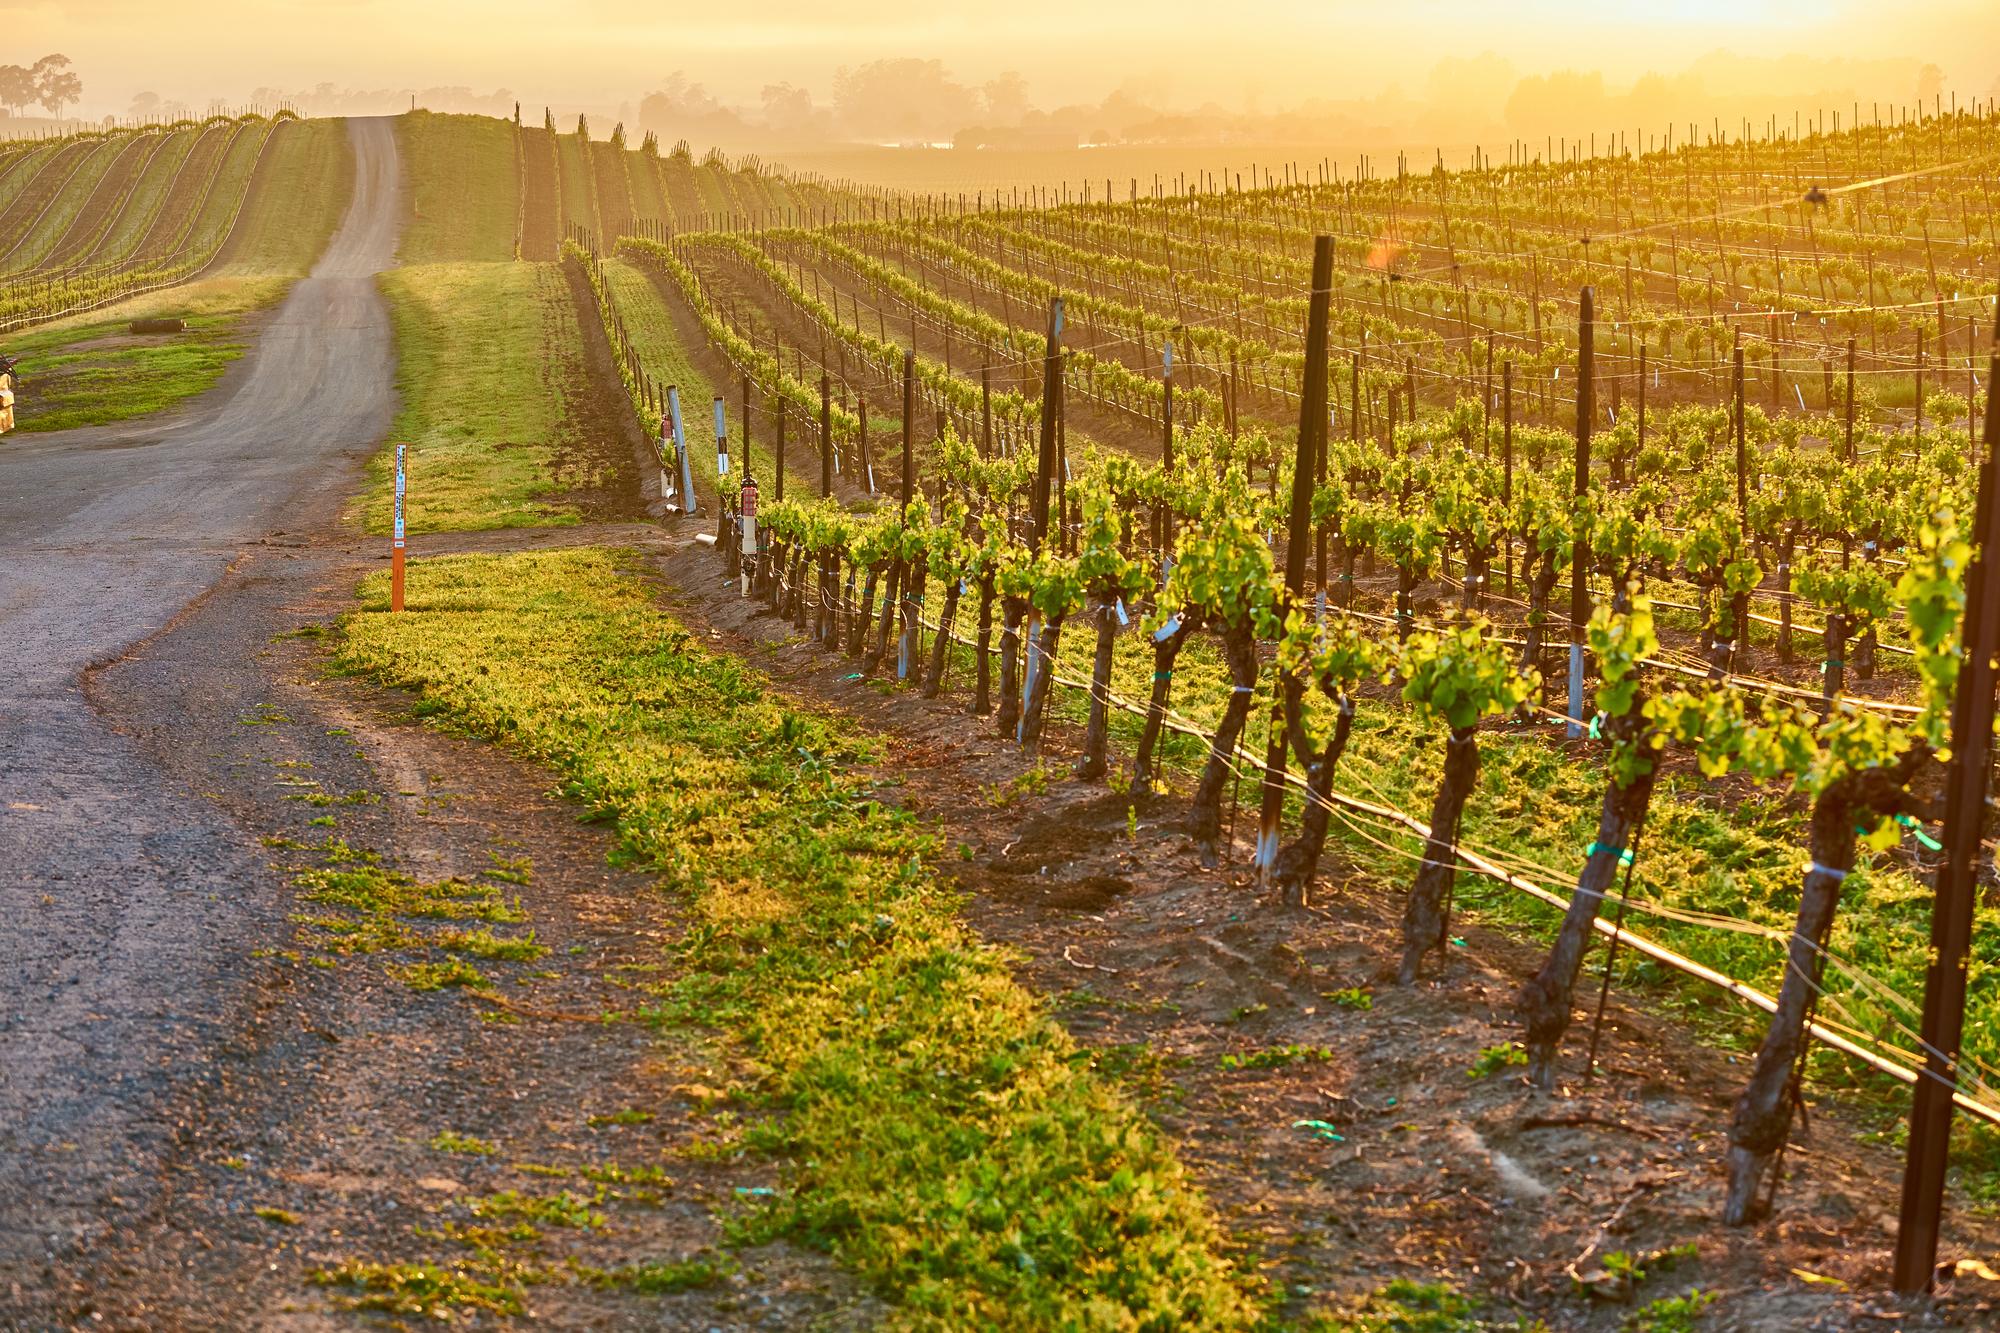 カリフォルニア州のワイン生産地の風景